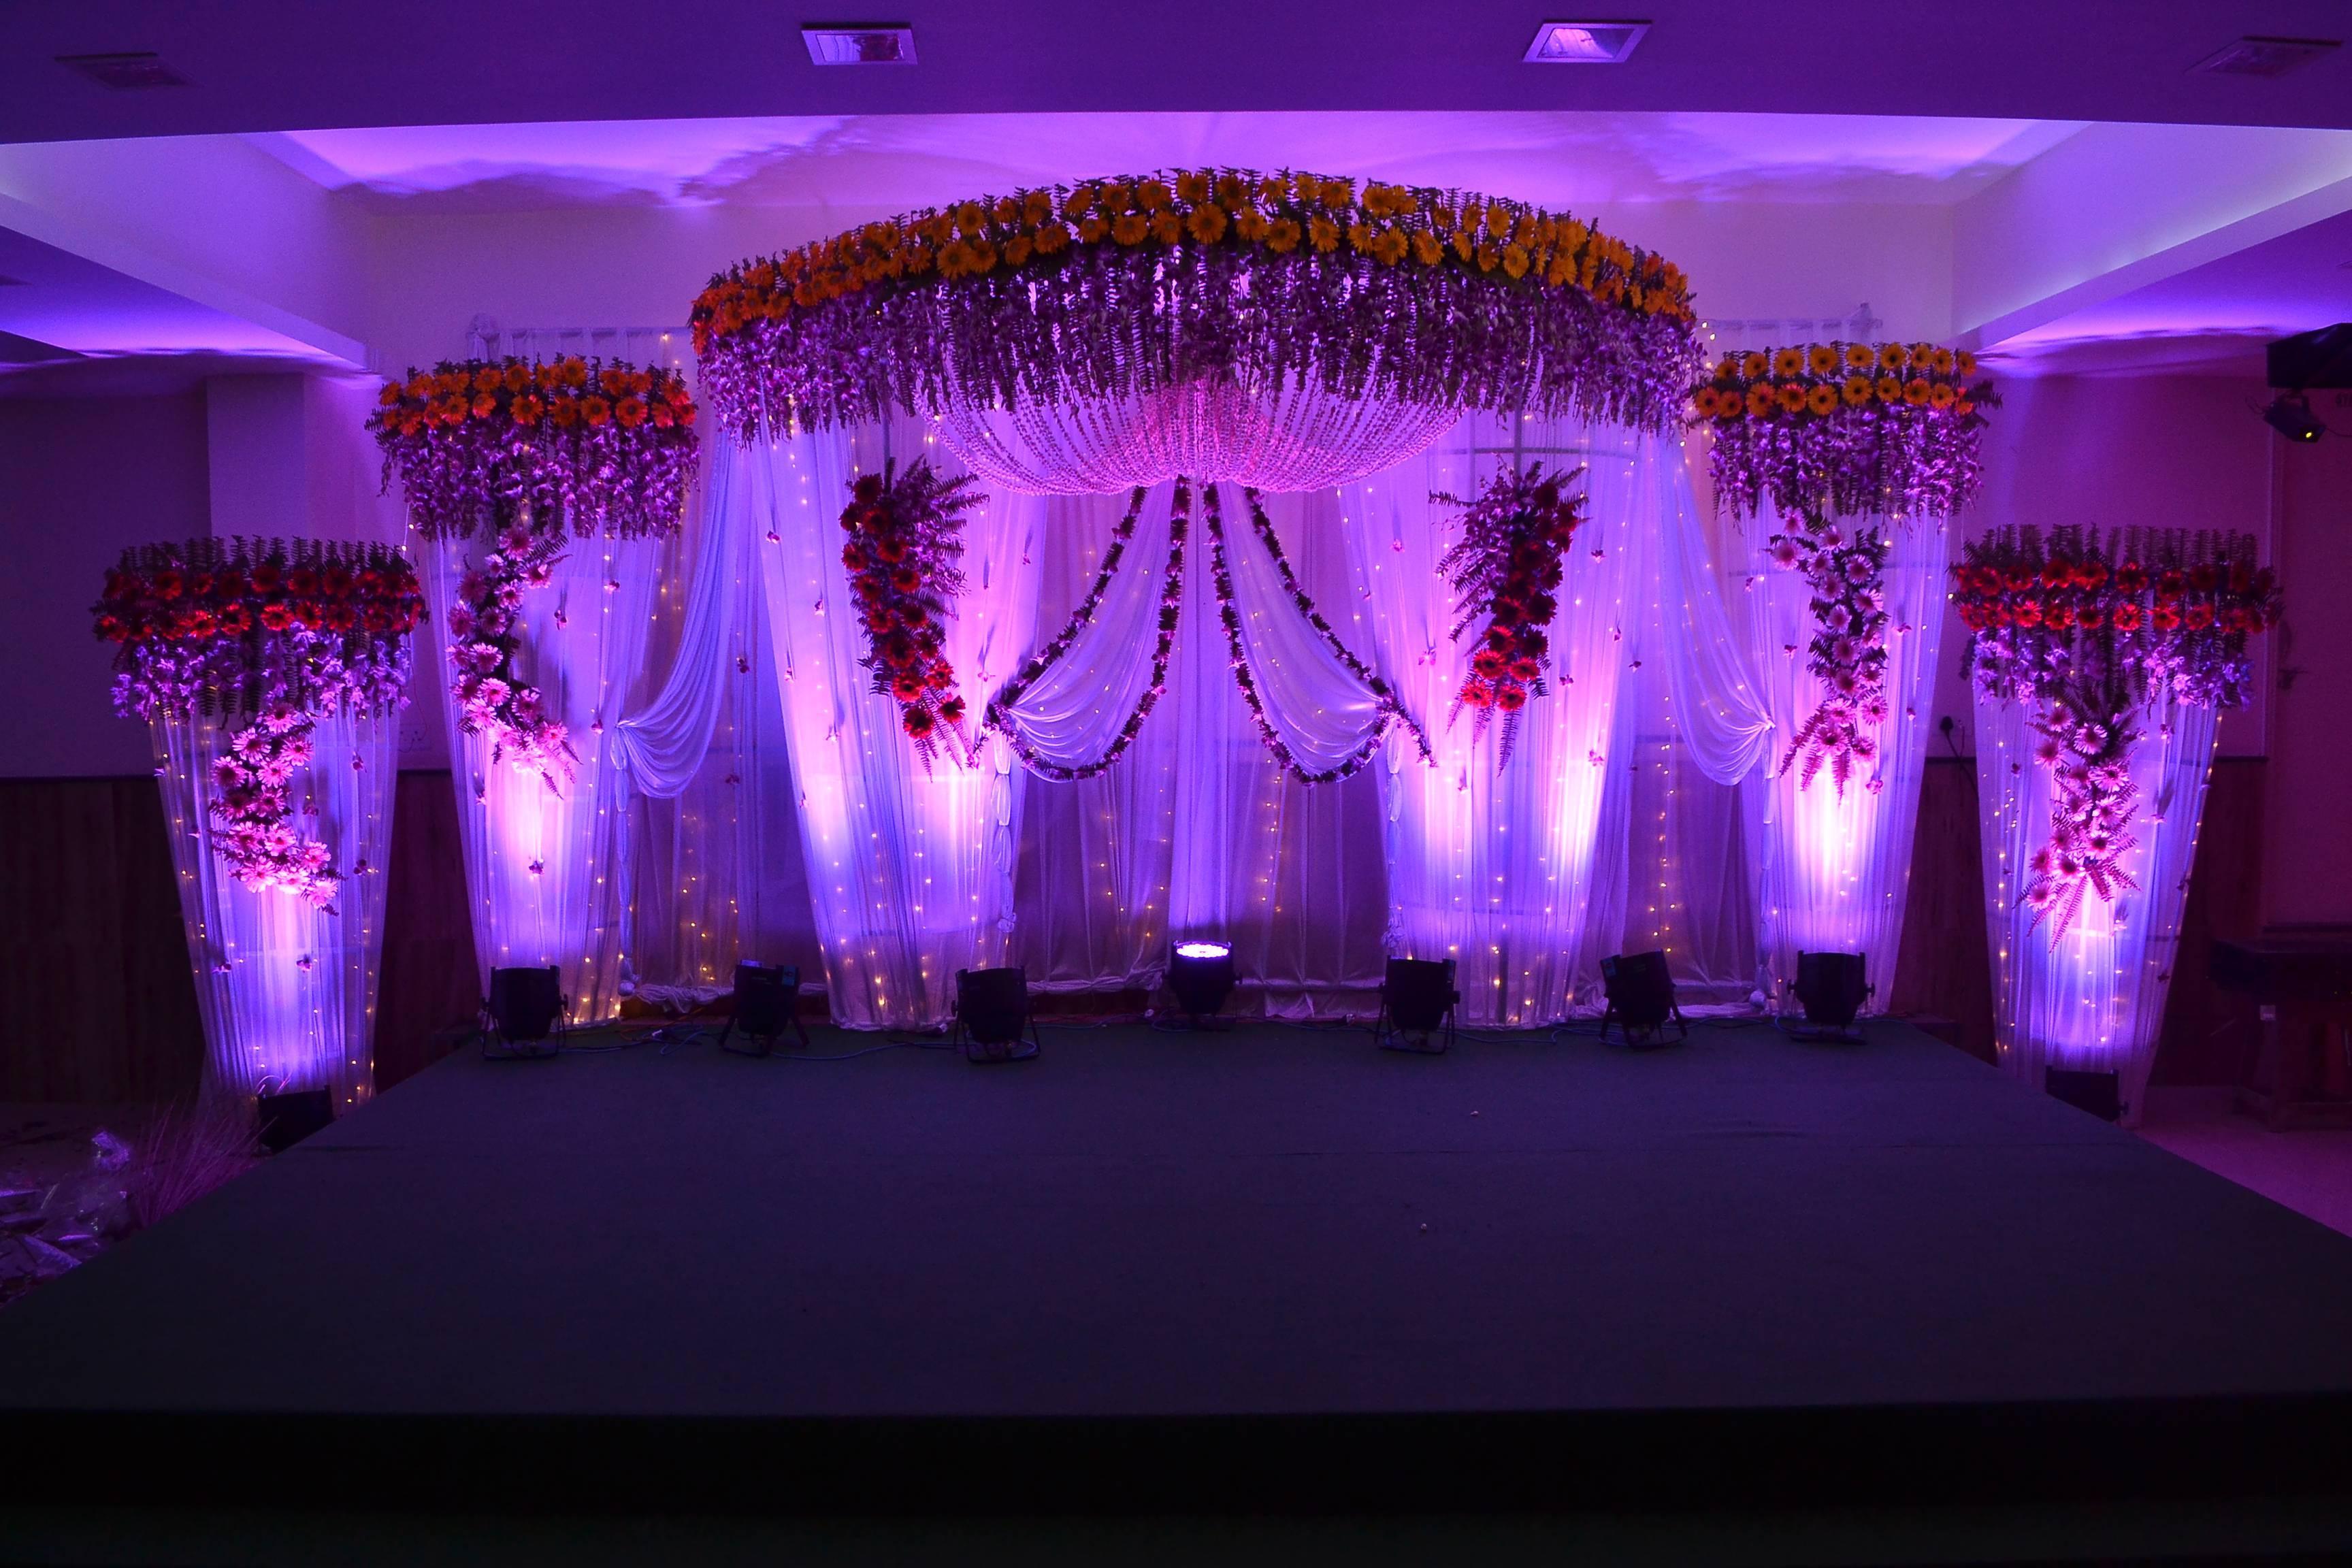 замечательная украшение зала на свадьбу фото в краснодаре колонном